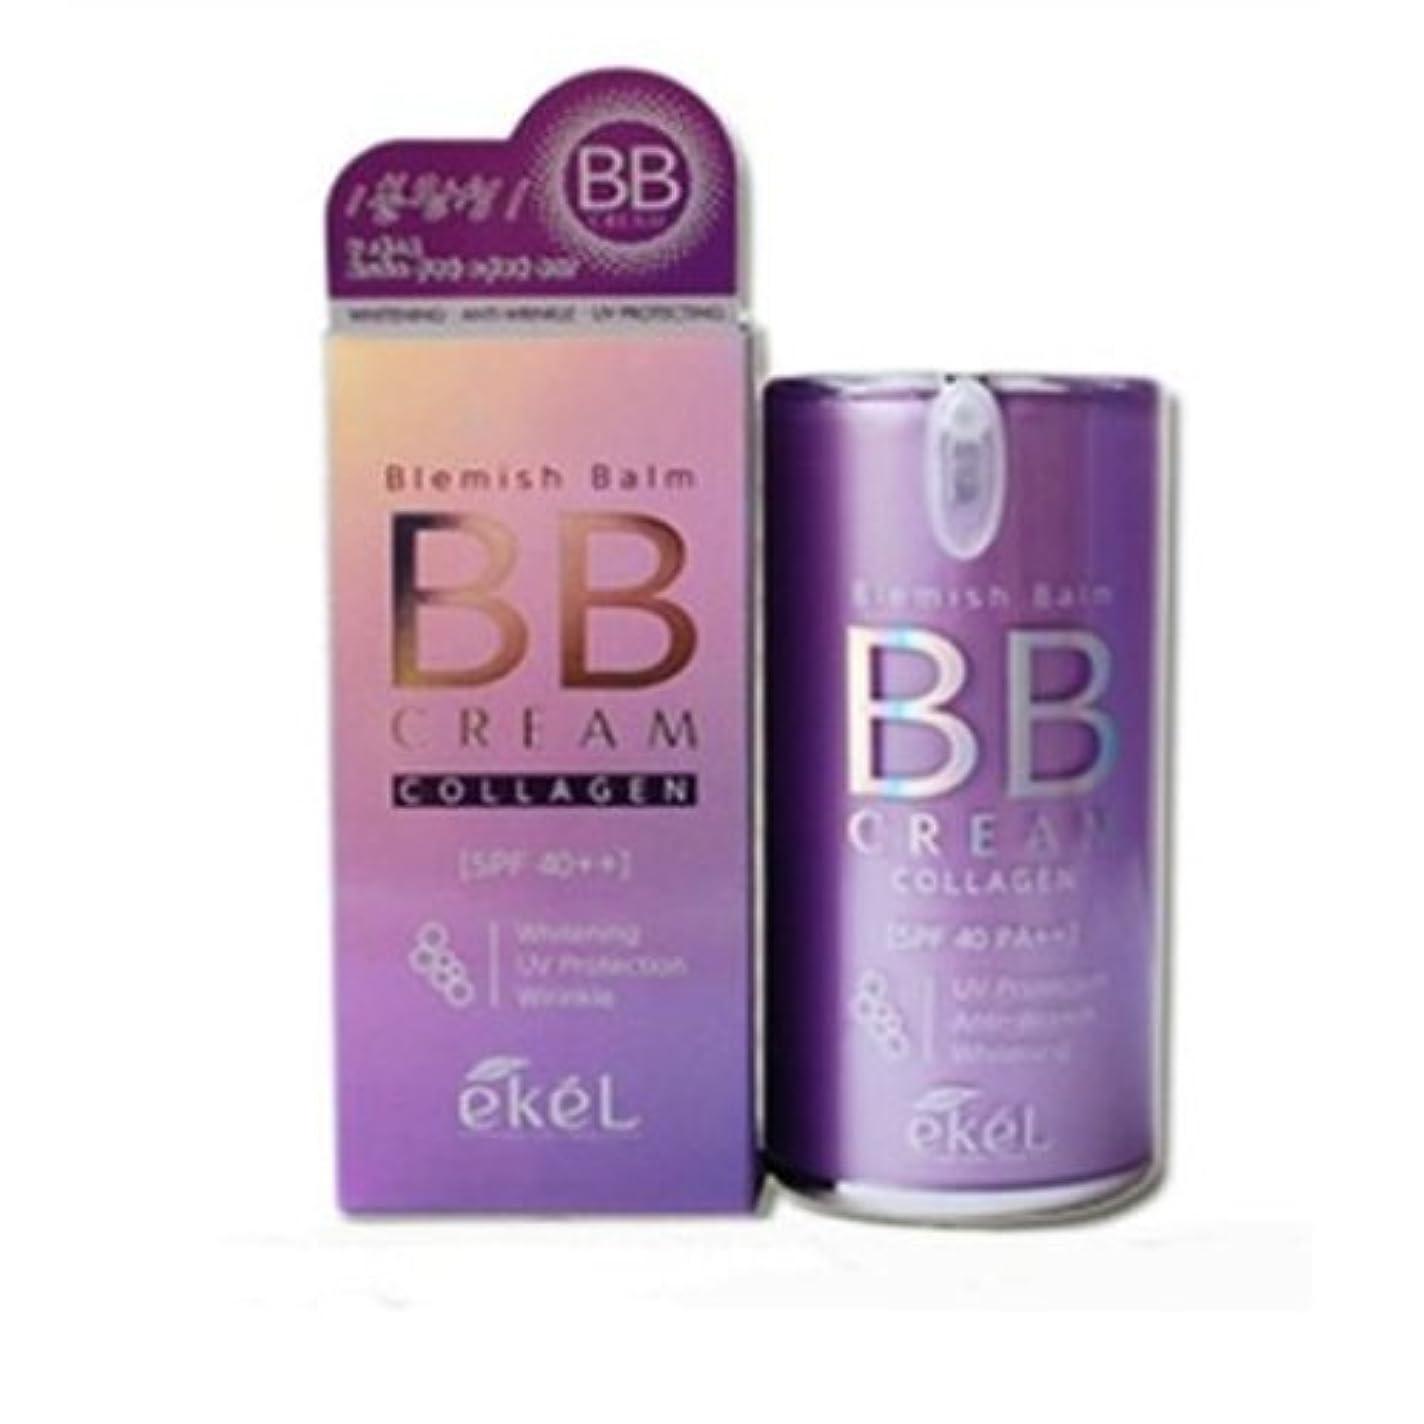 振りかけるプレフィックスにぎやかイケル[韓国コスメEkel]Collagen Blemish Balm BB Cream コラーゲンブレムスバームBBクリーム50g SPF40 PA++[並行輸入品]